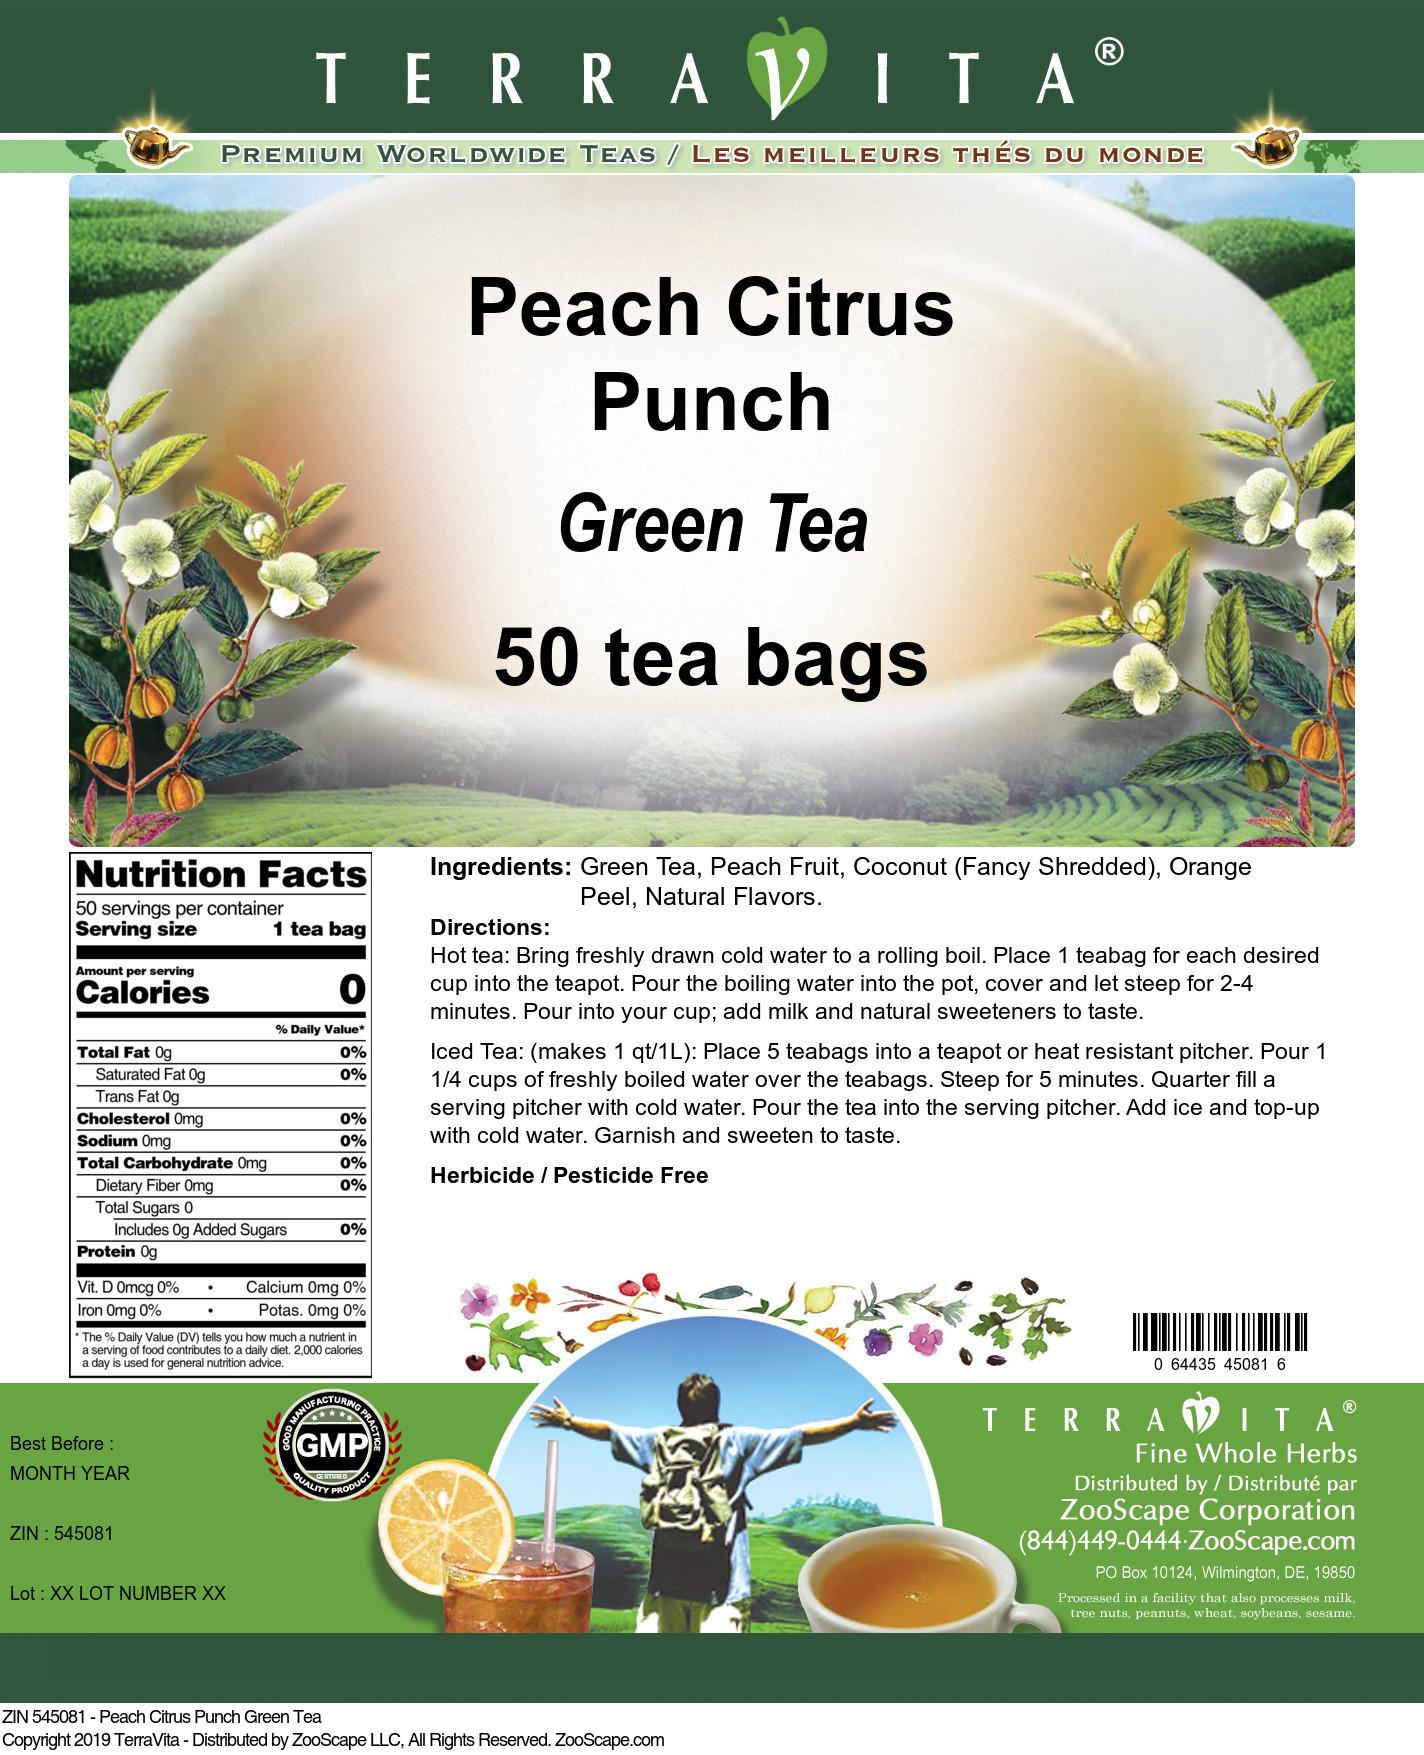 Peach Citrus Punch Green Tea